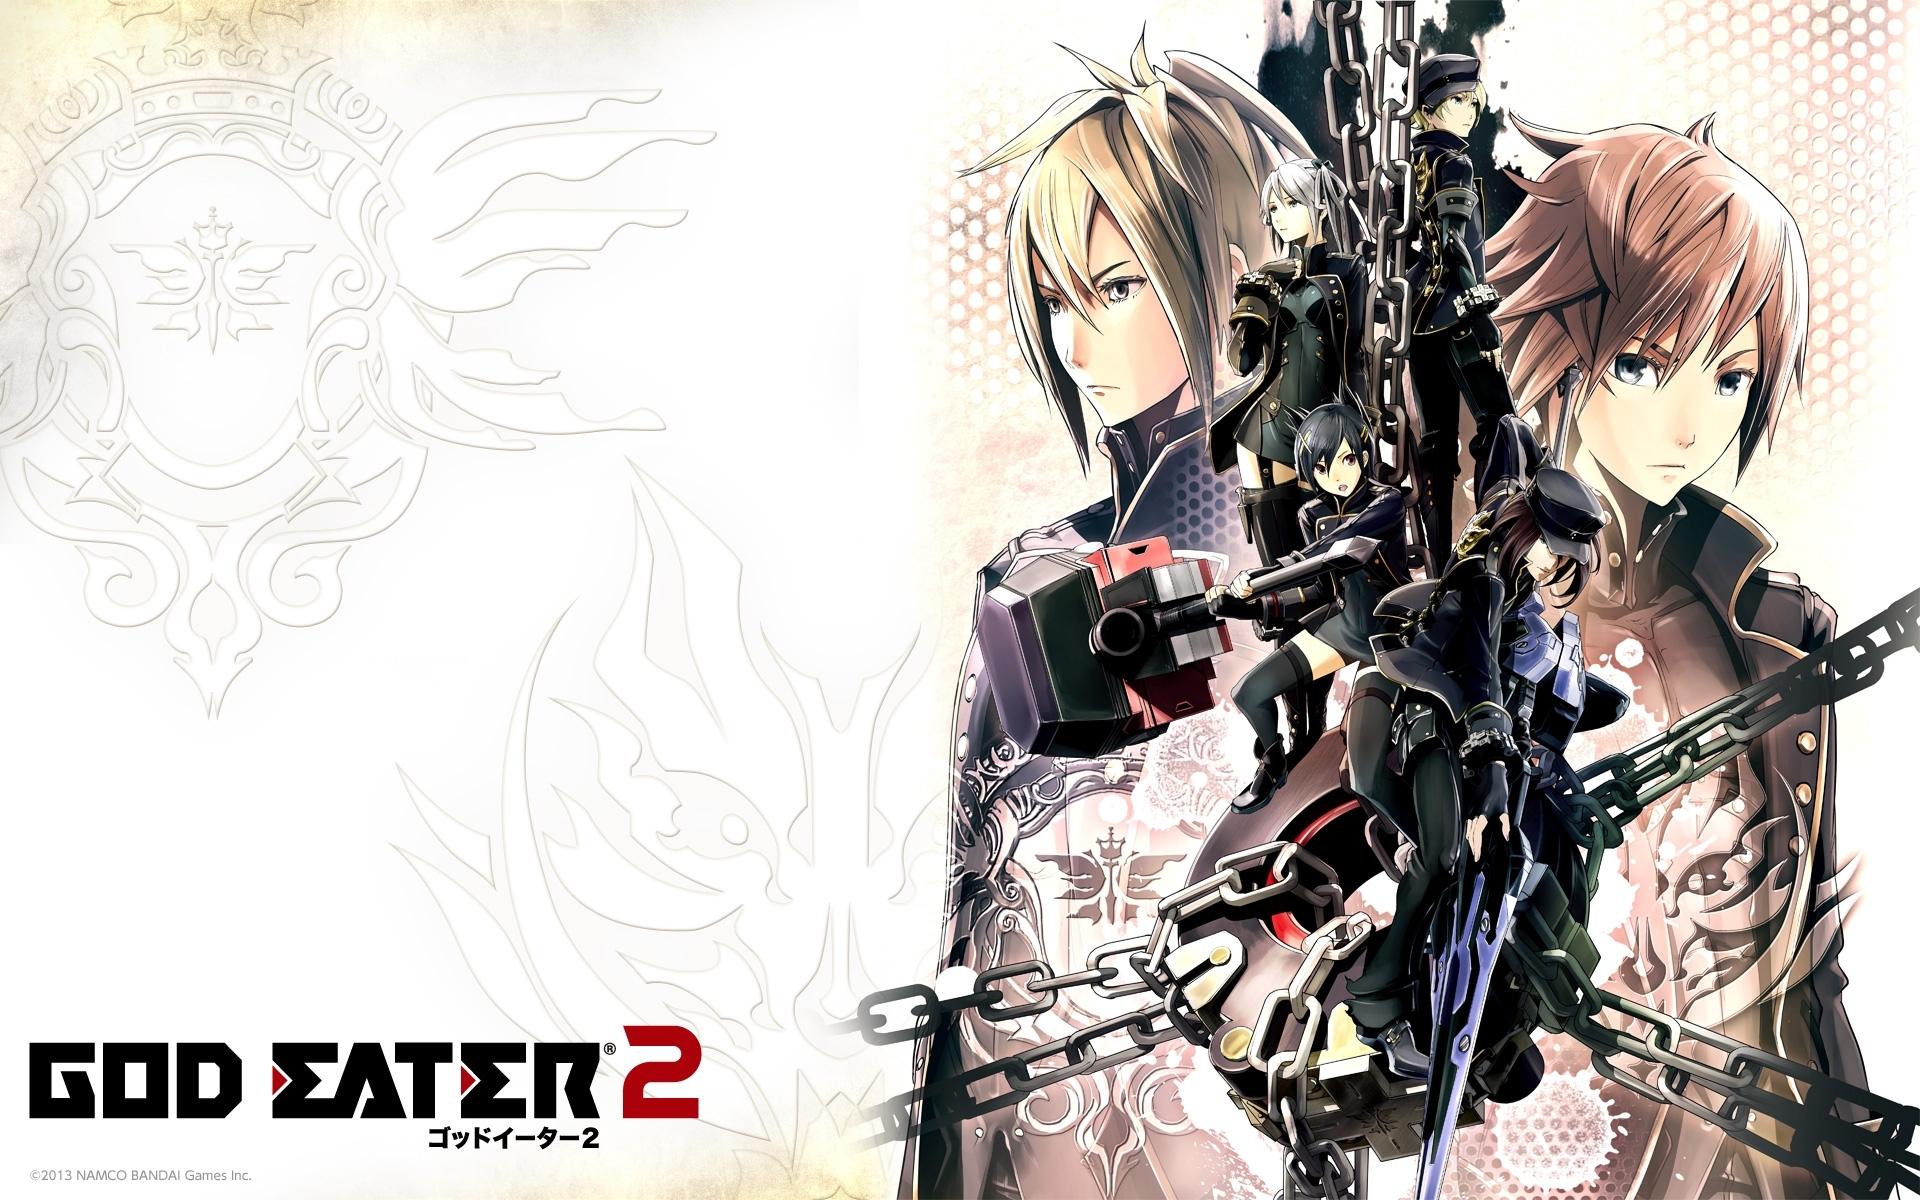 god eater (gods eater burst) wallpaper #1637837 - zerochan anime